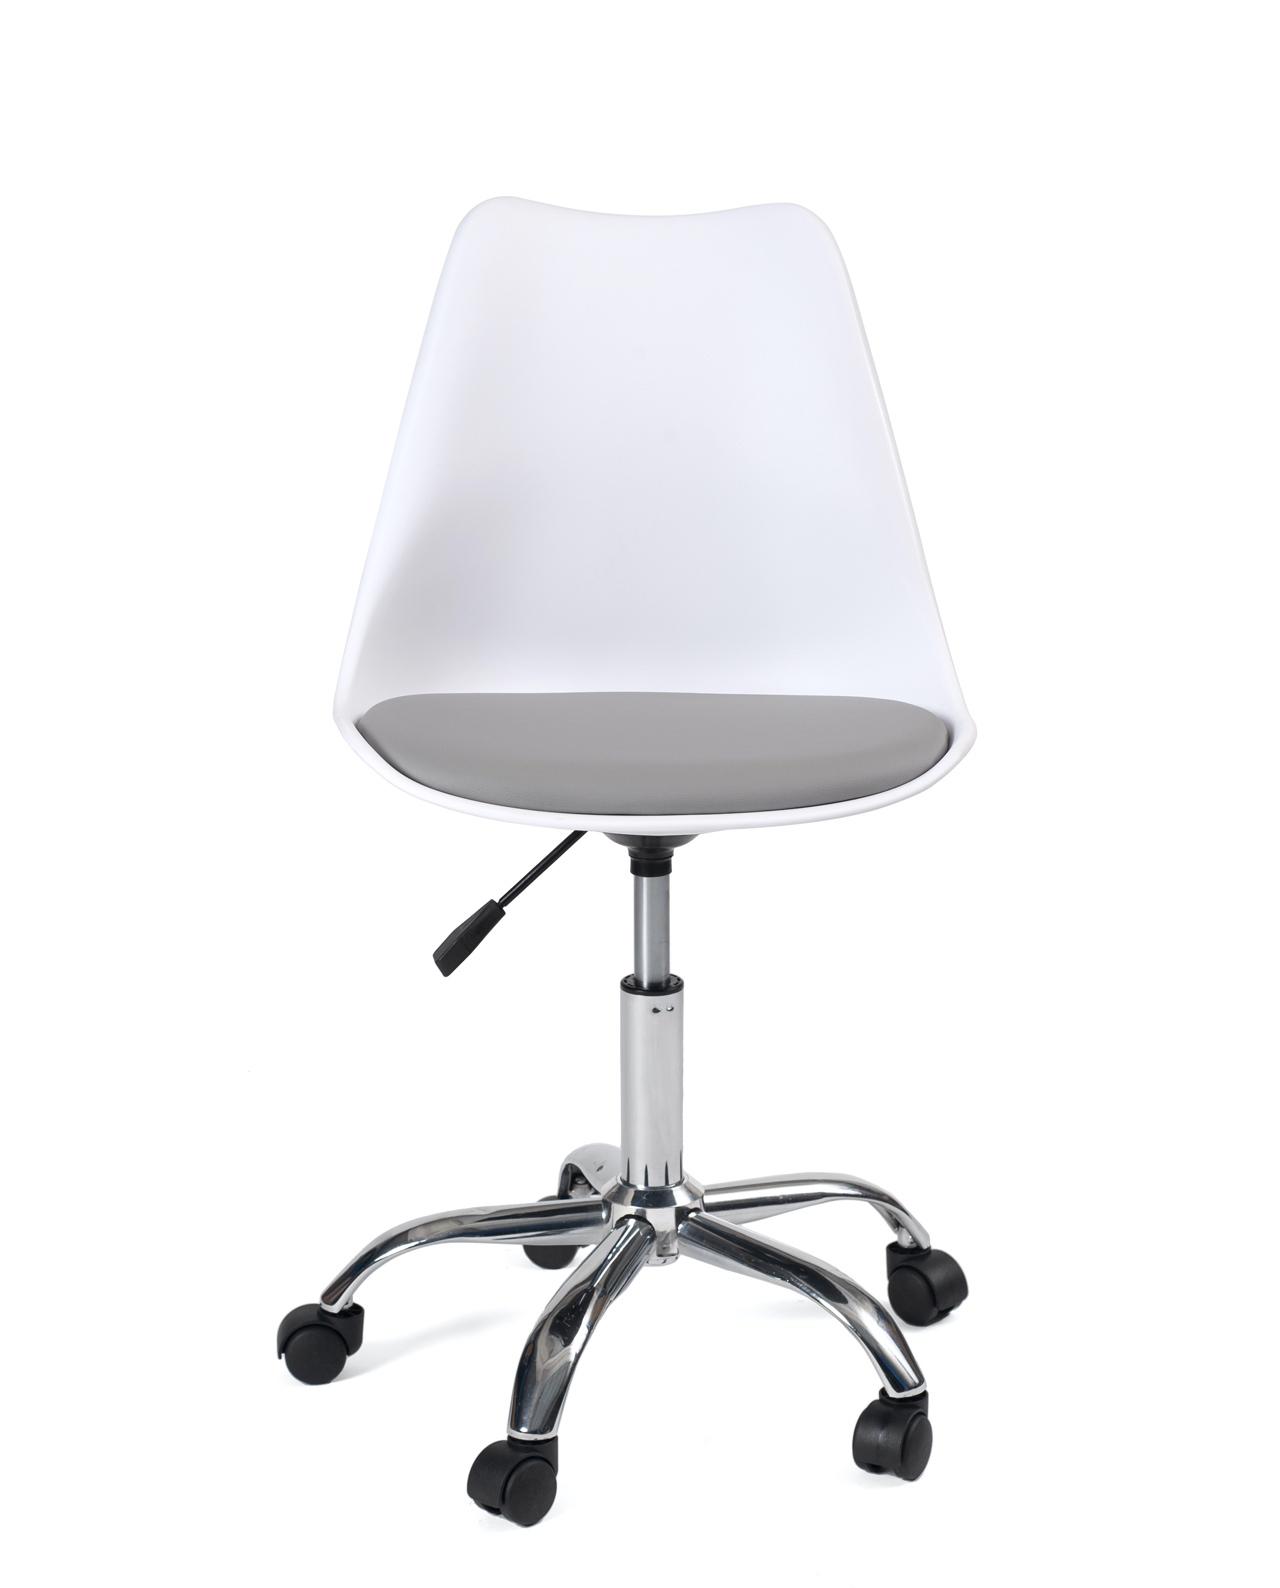 chaise de bureau a roulettes leo